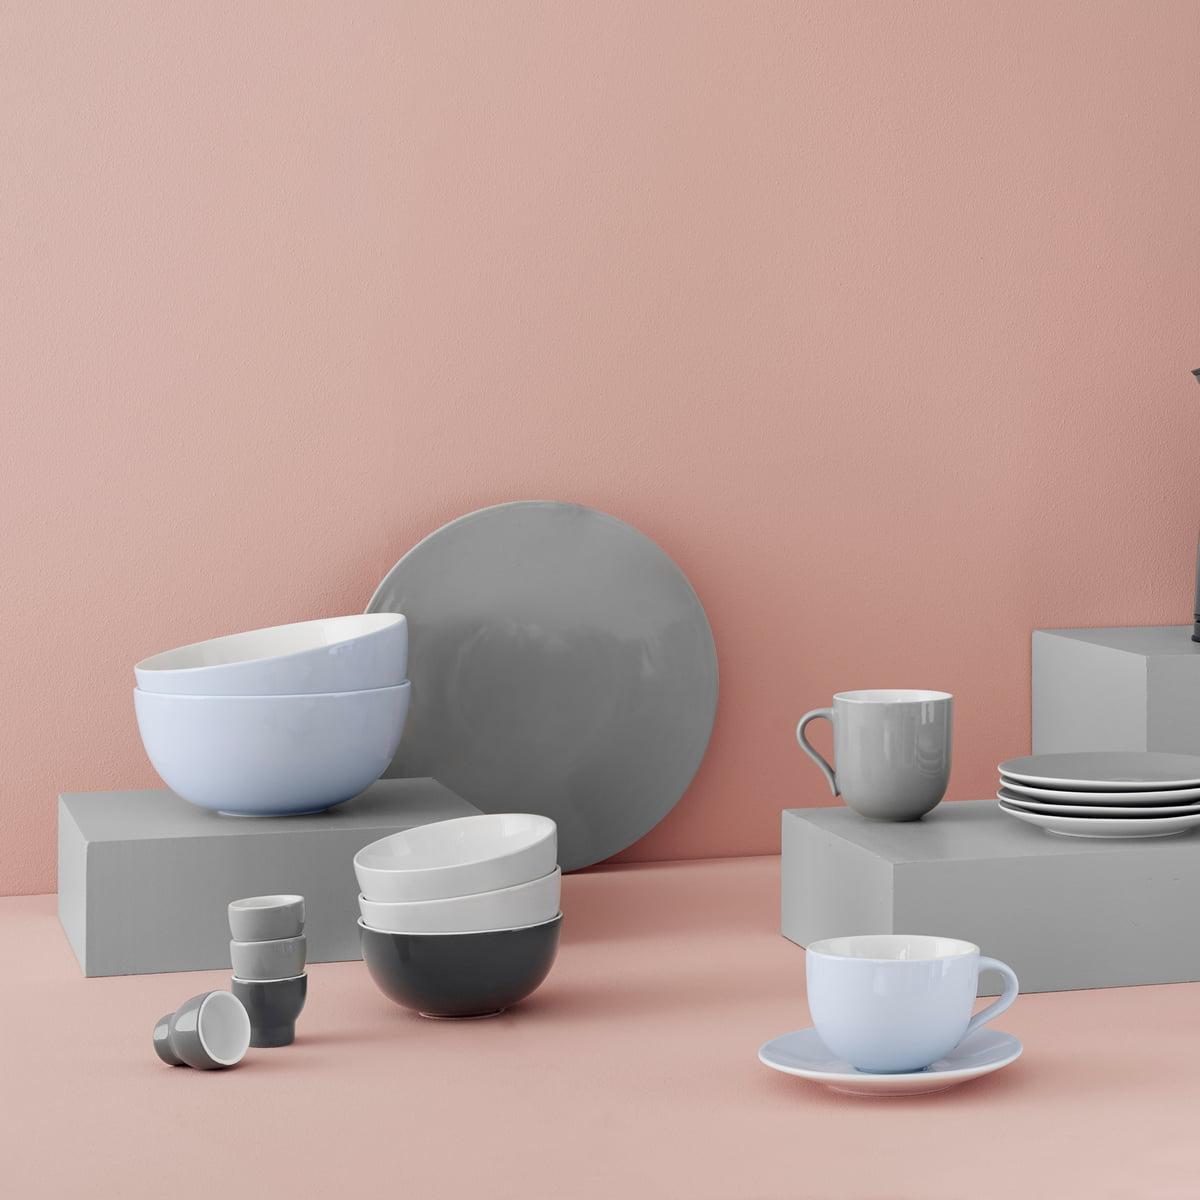 emma eierbecher von stelton im shop. Black Bedroom Furniture Sets. Home Design Ideas